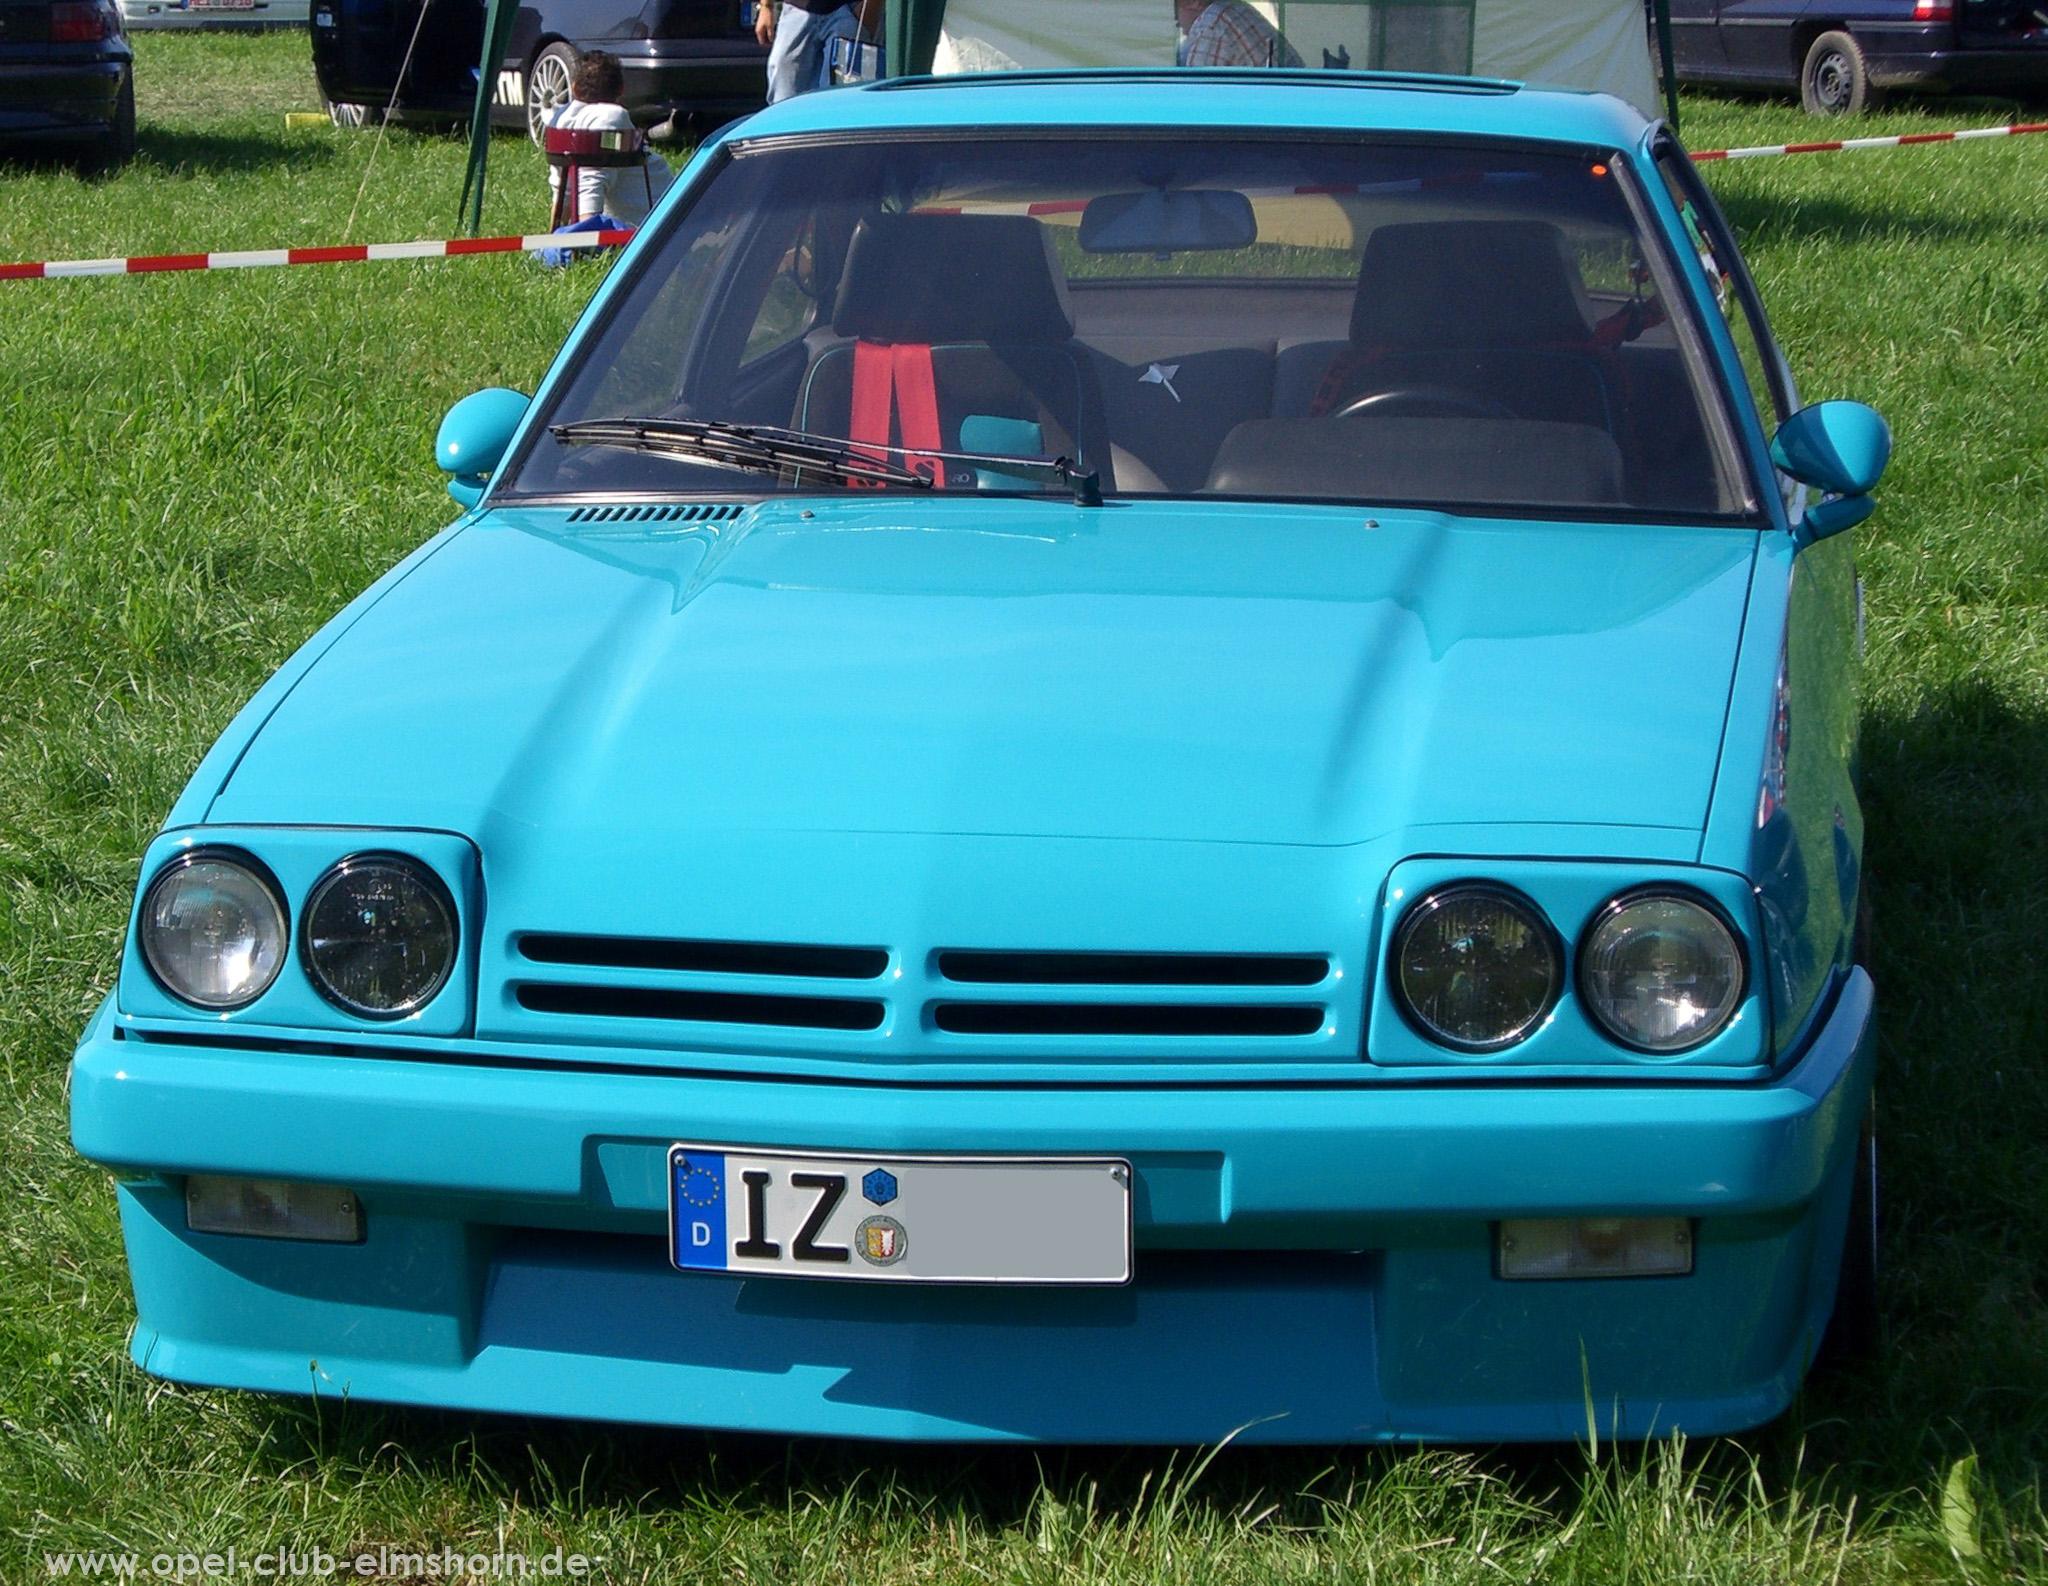 Opeltreffen Brunsbüttel Opelfreunde 2008 - 20080704_163654 - Manta B